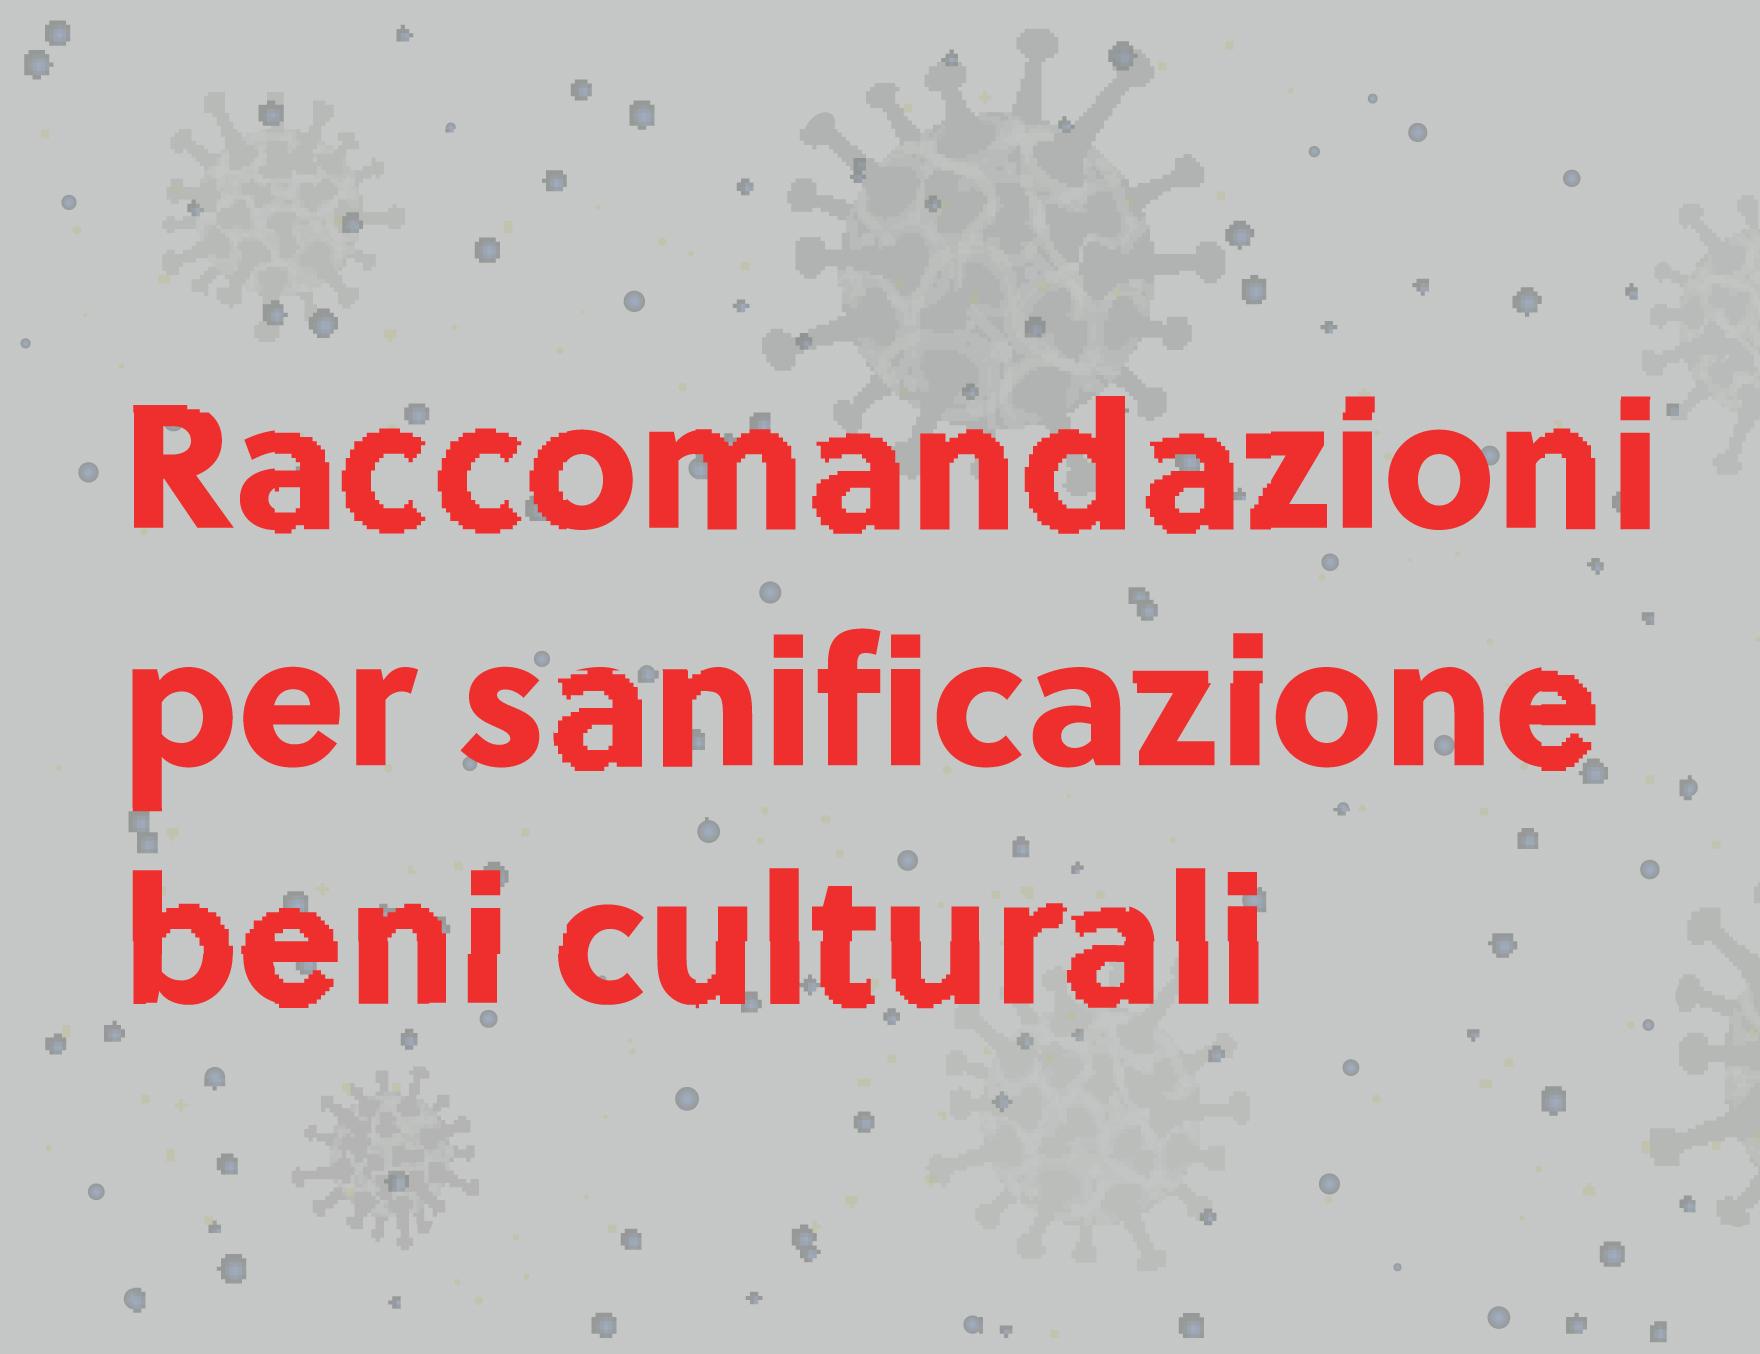 Raccomandazione per la gestione delle operazioni di sanificazione e pulizia dei beni culturali immobili e degli ambienti contenitori di beni culturali mobili